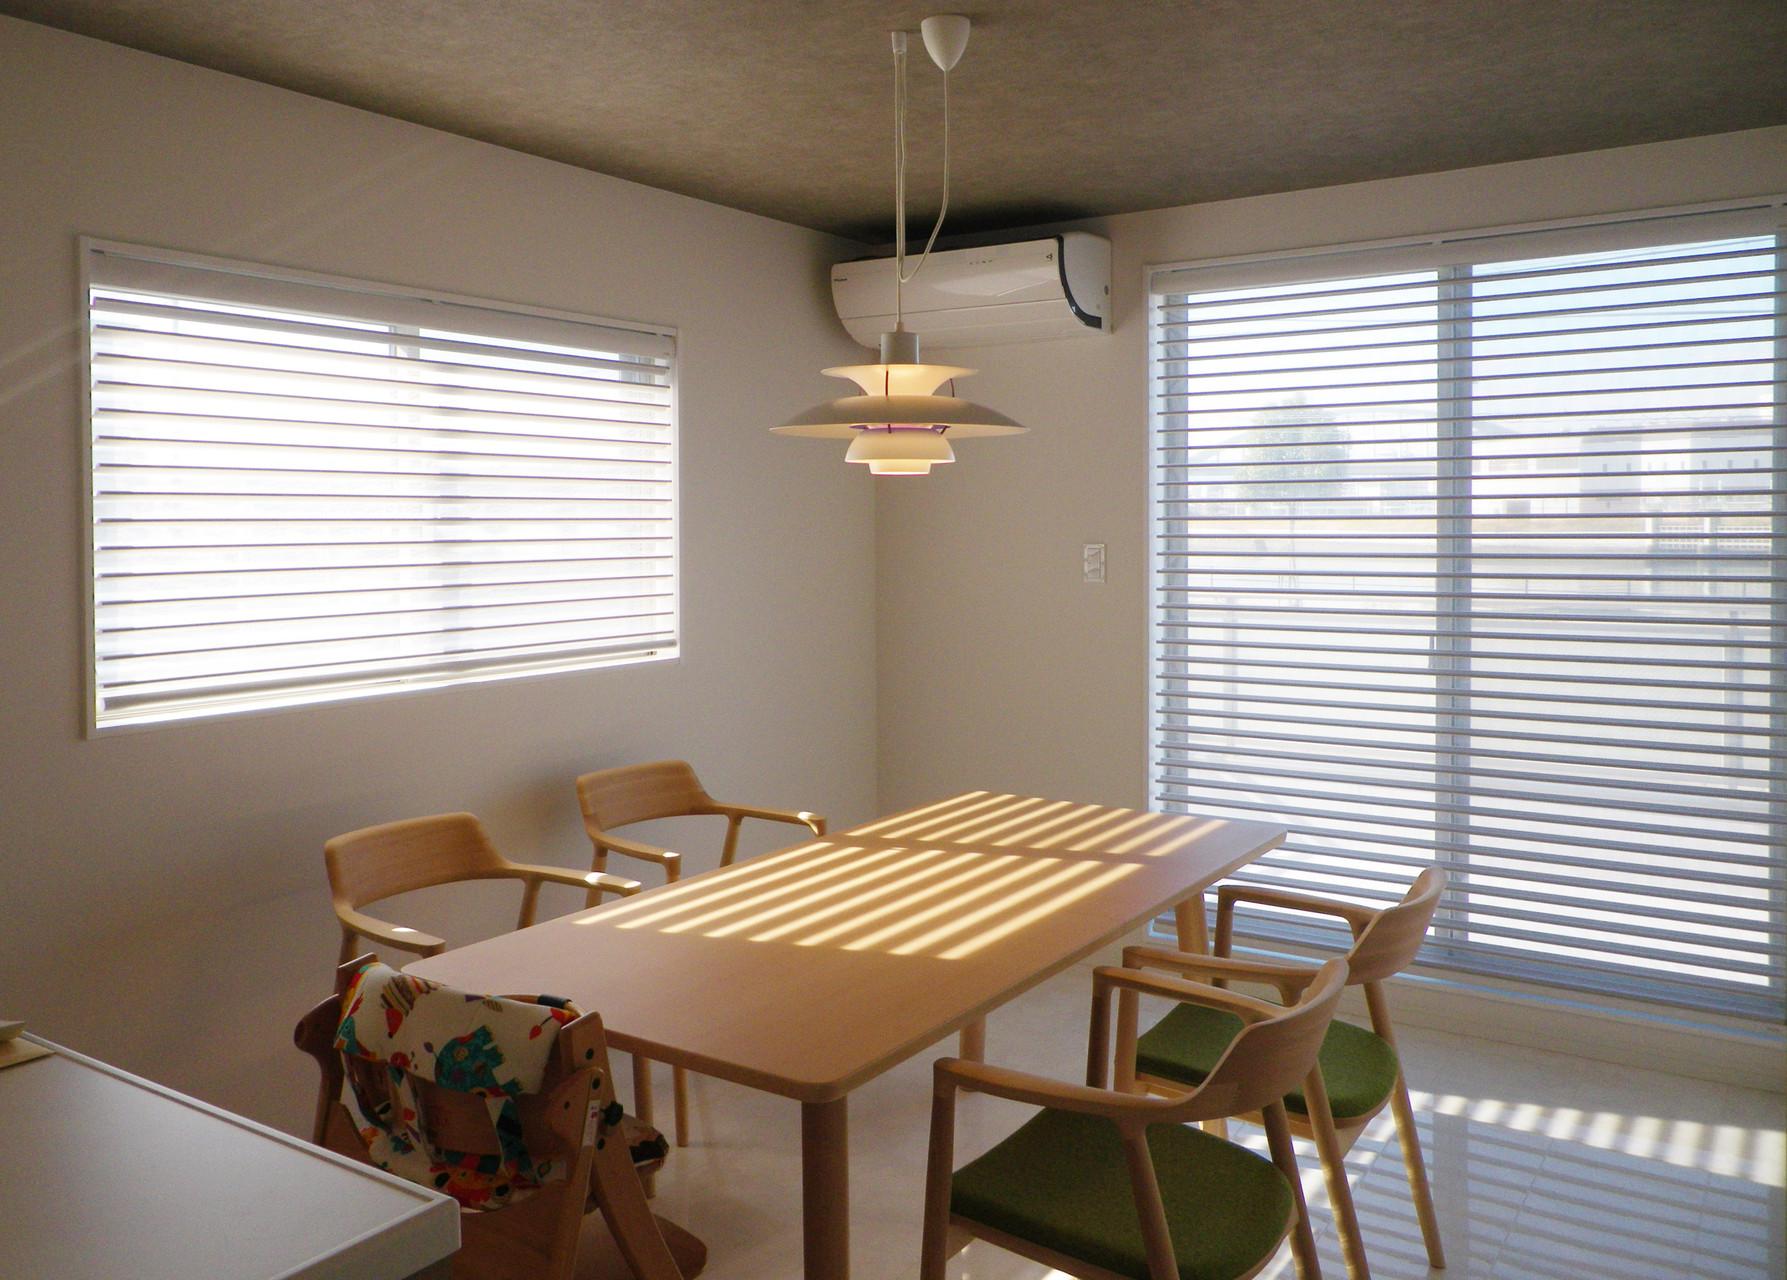 調光スクリーンは、ダイニングキッチンの窓にお薦めできる商品です。